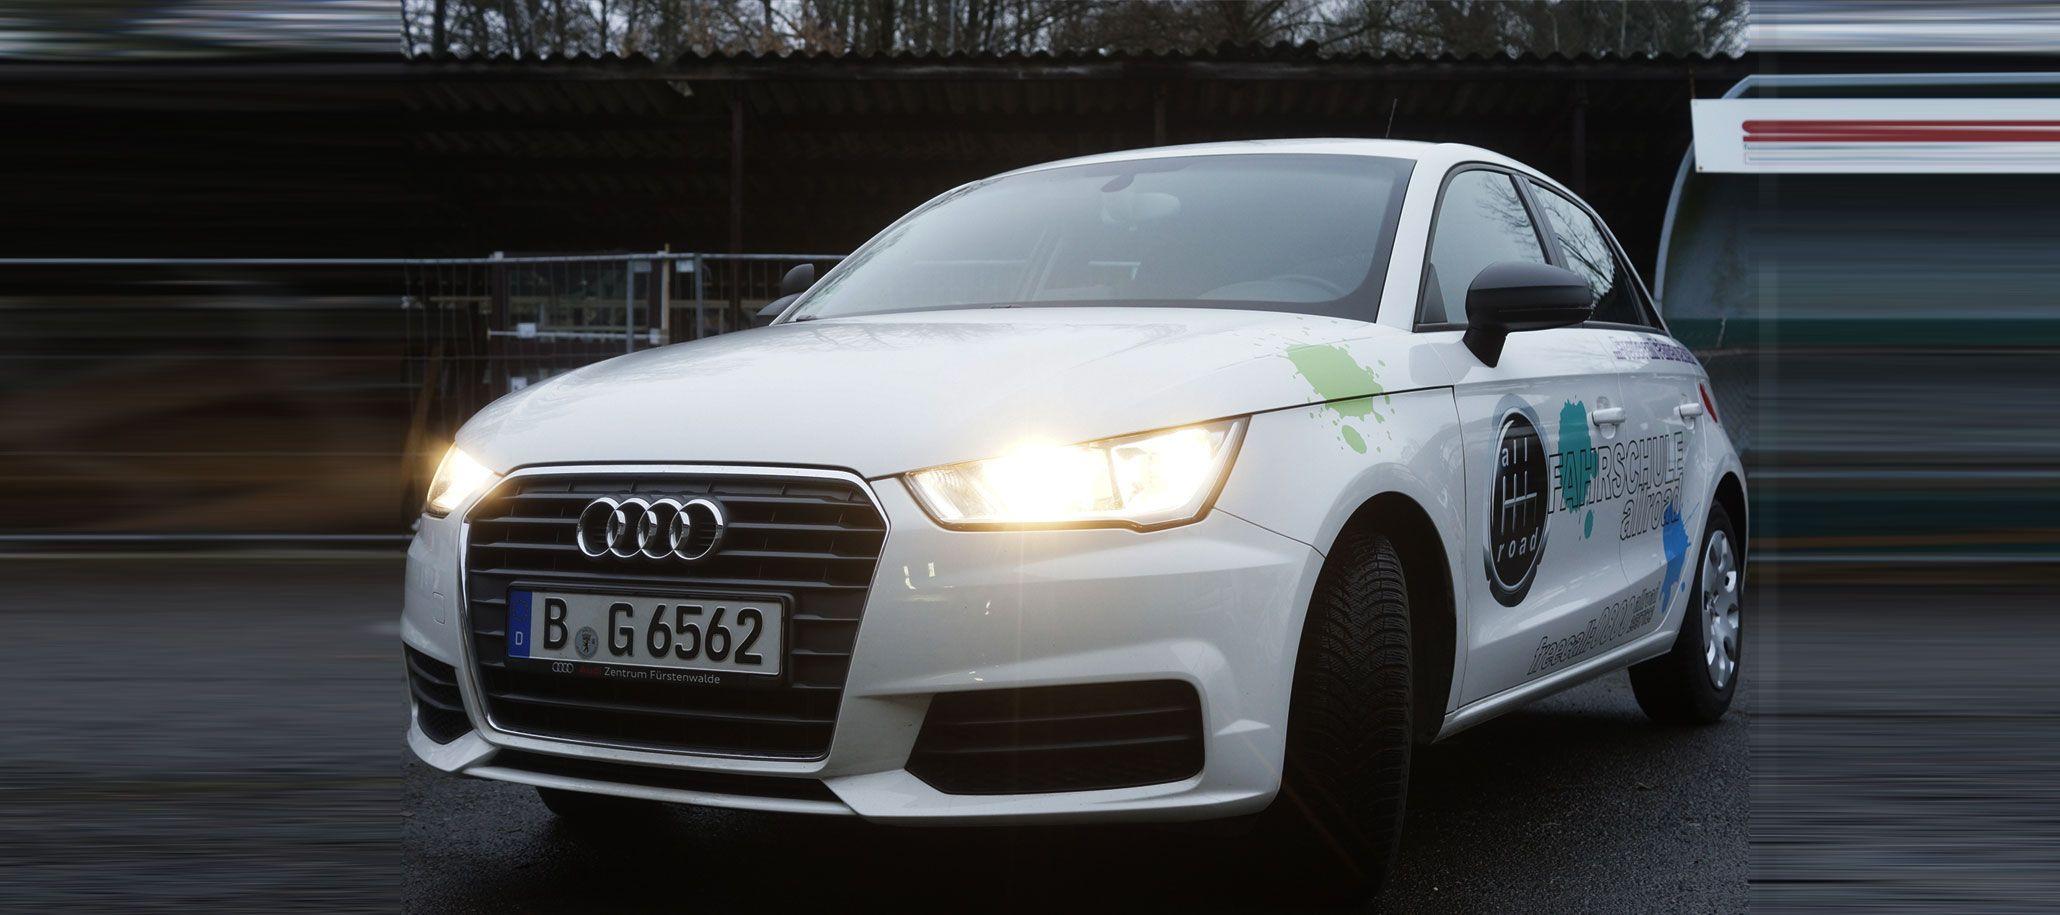 PKW ausbildung Fahrschule Berlin - Audi A1